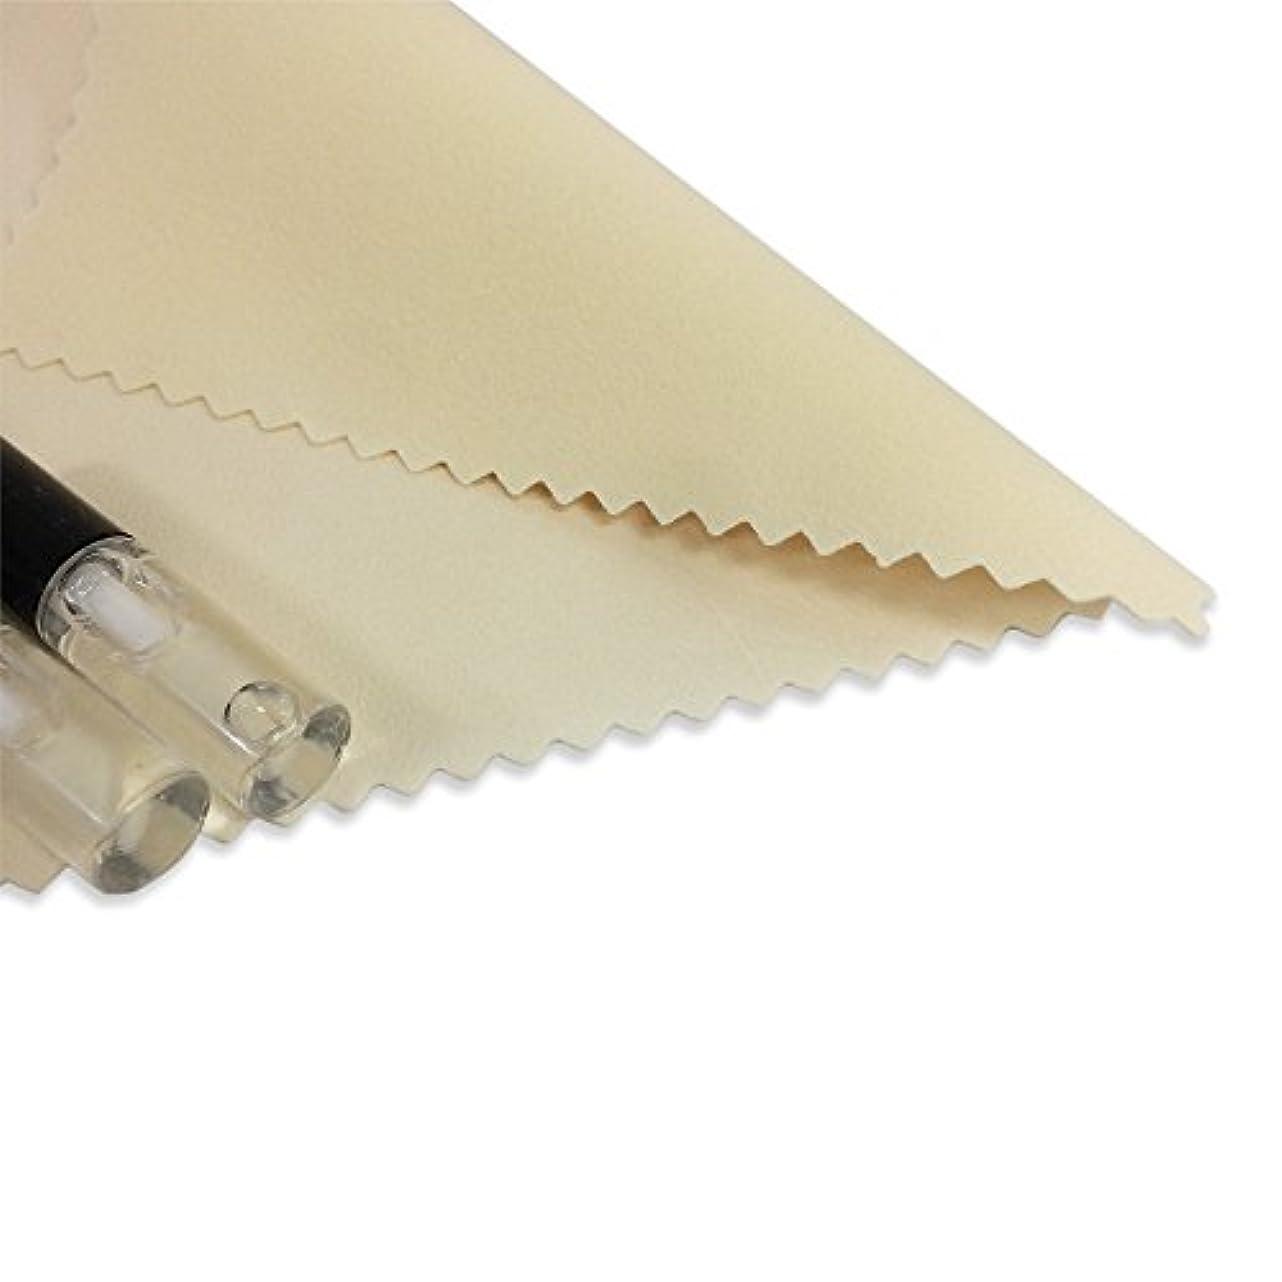 強制的おばさん伝統的鋏 ハサミ シザー レザー セーム本皮 オイル メンテナンスセット